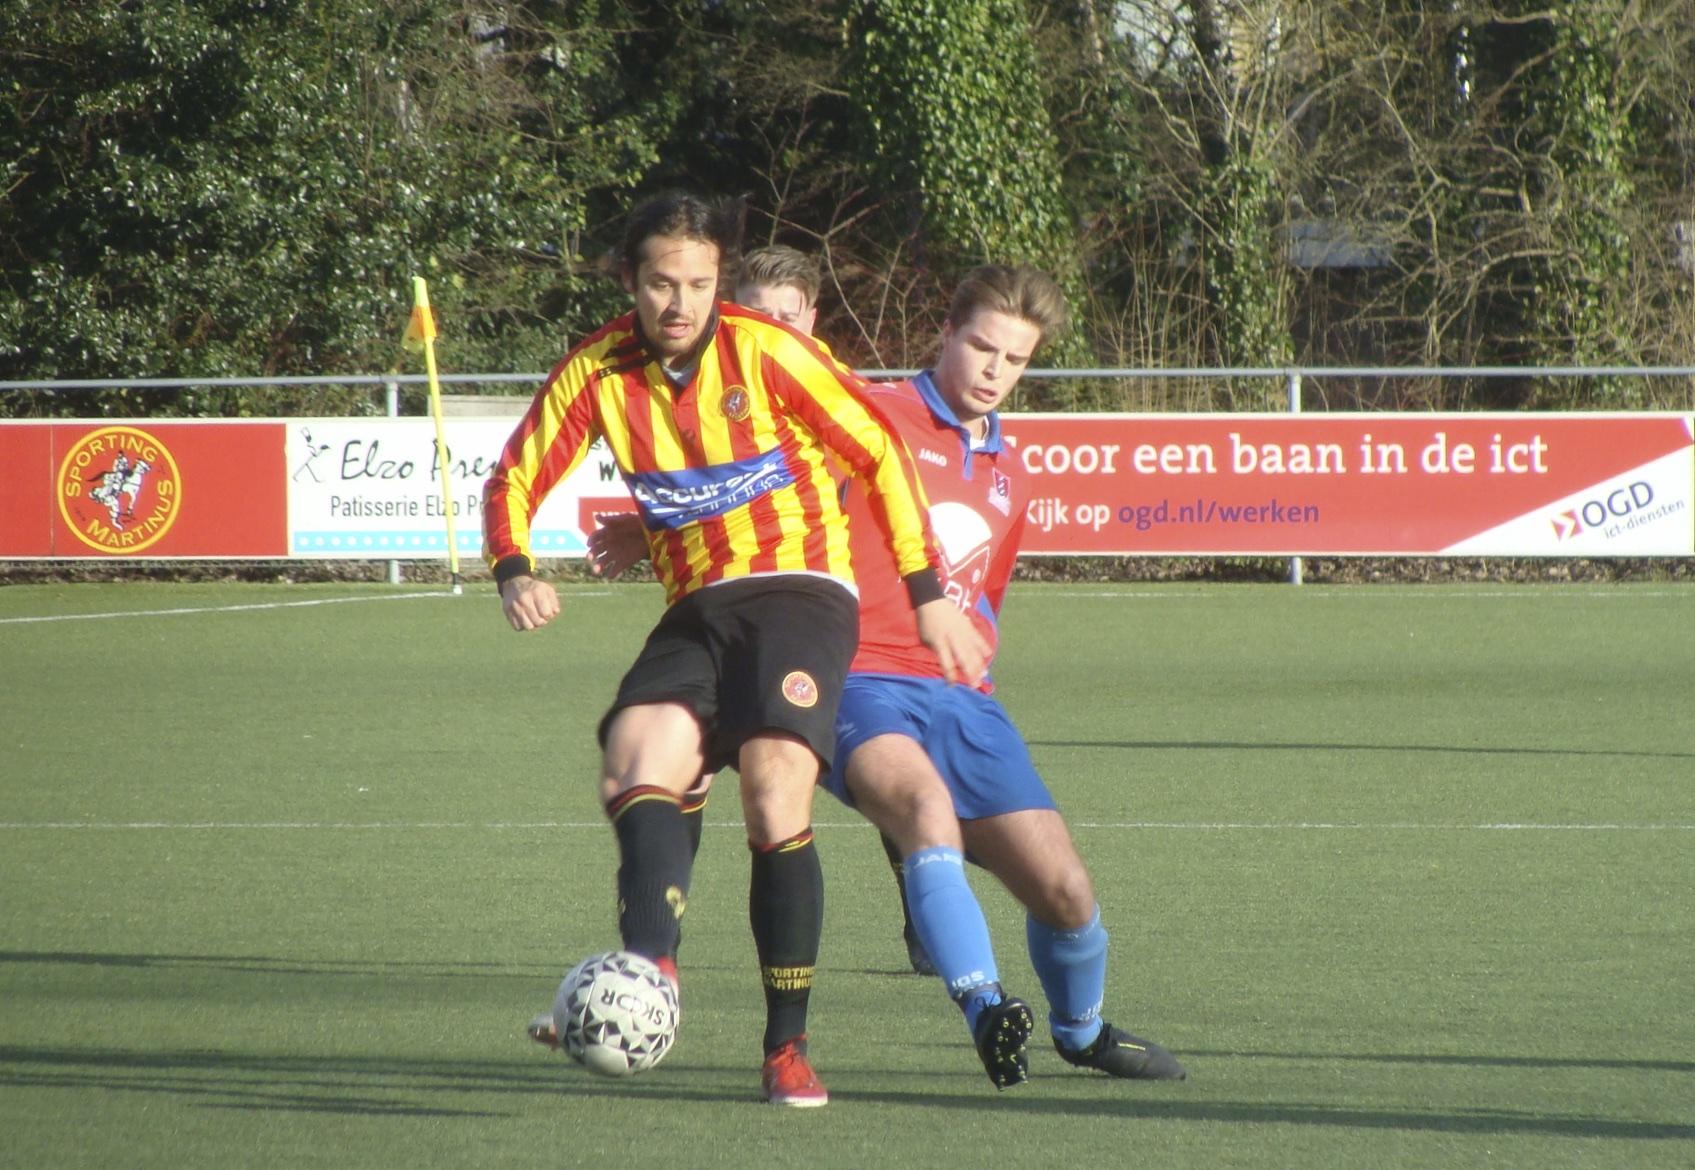 Oefenvoetbal: Sporting Martinus (zon) speelt gelijk tegen JOS Watergraafsmeer